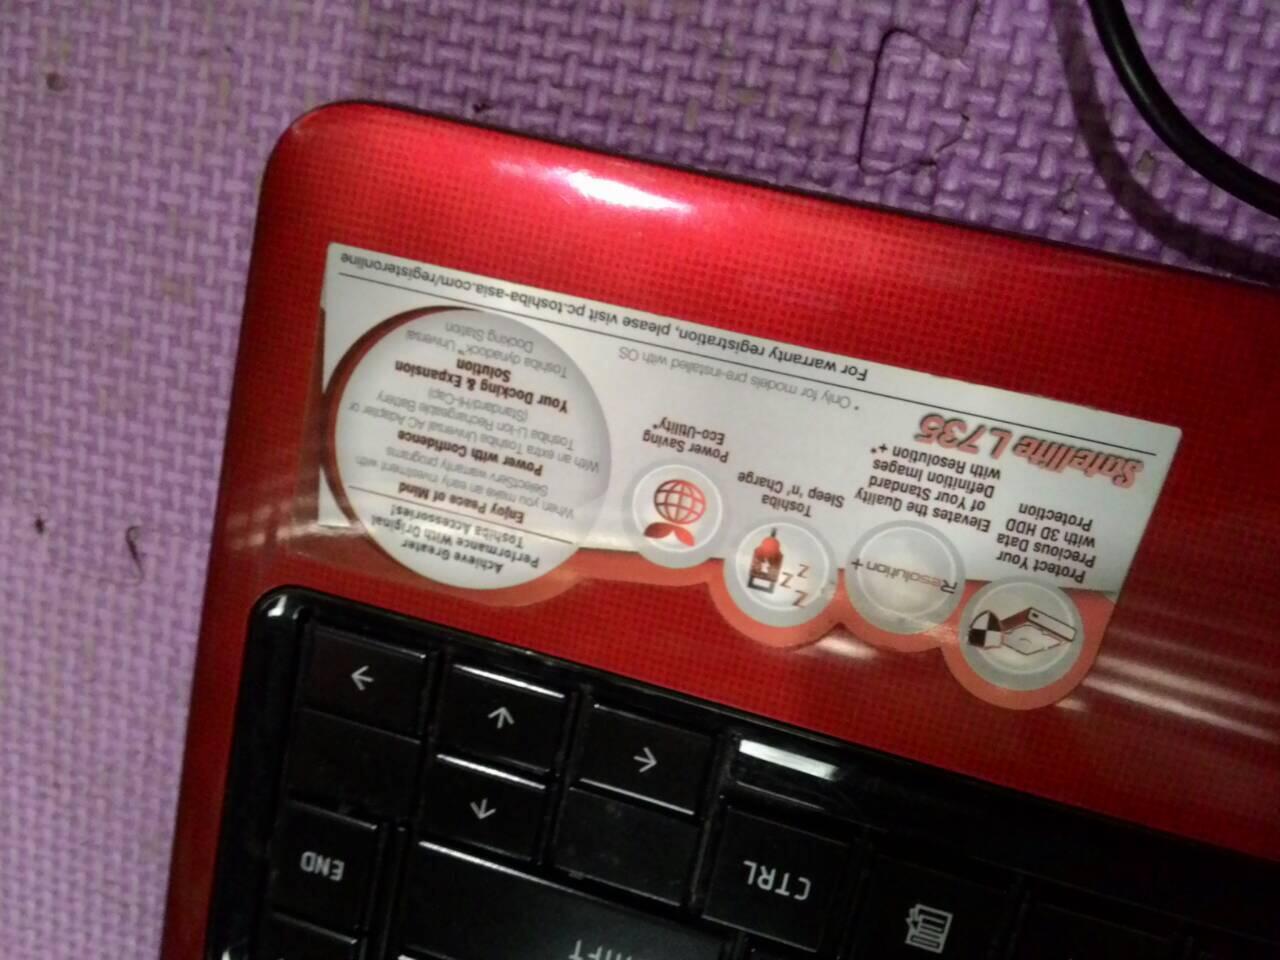 Toshiba L735 ci3 apa adanya murmer gans. cekidot...